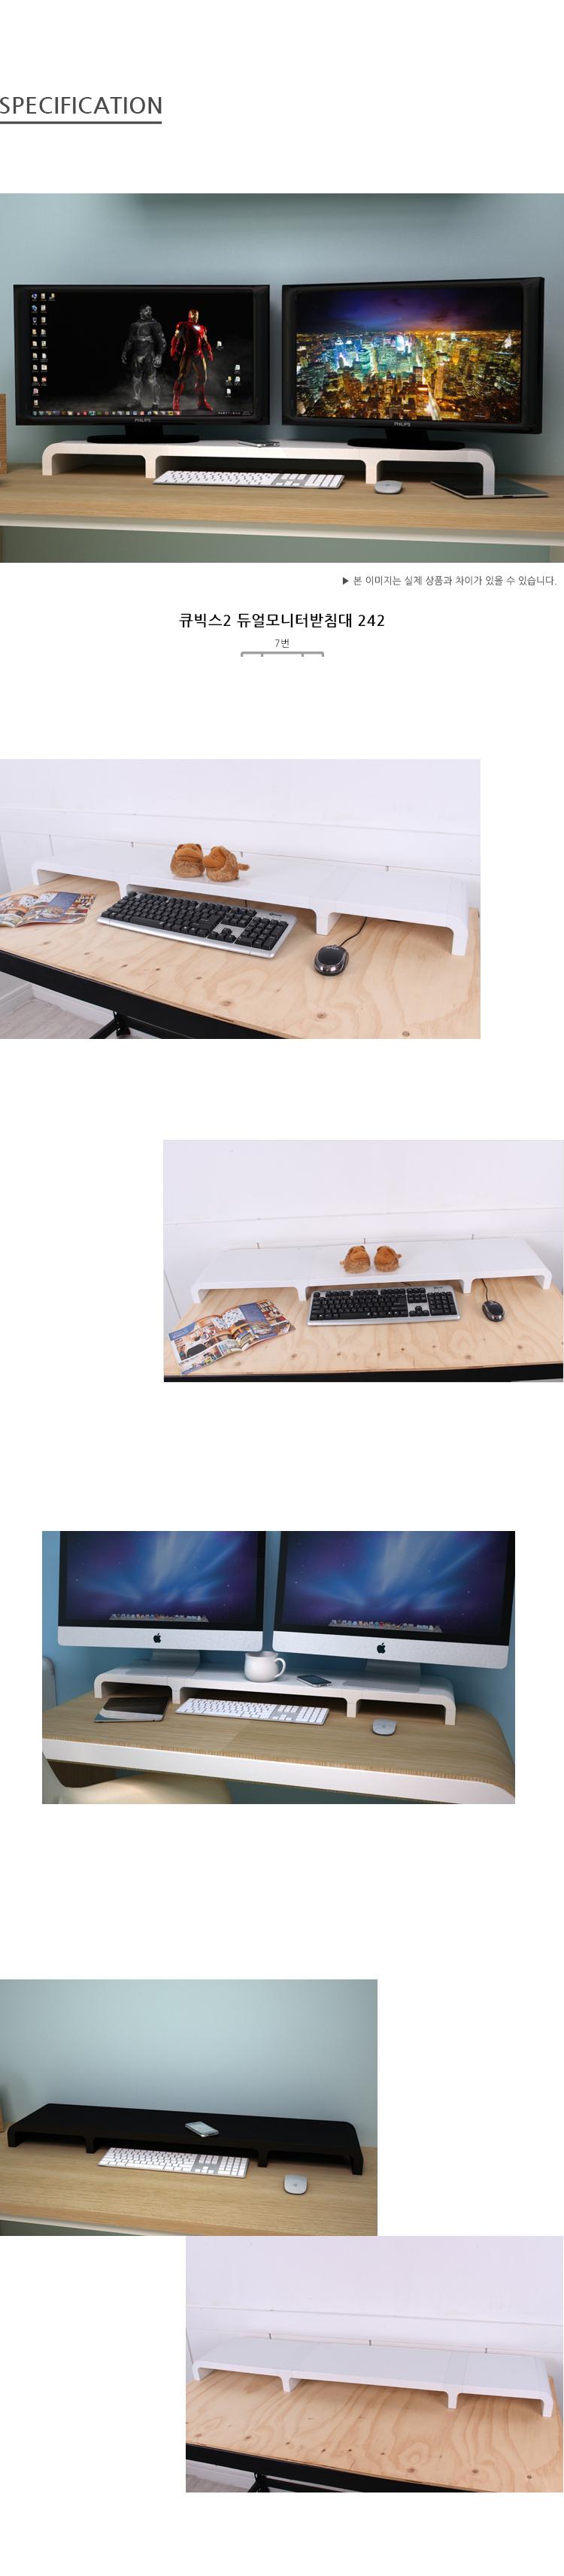 큐빅스2 듀얼모니터받침대 242 - 큐빅스, 55,000원, 데스크가구, 모니터받침대